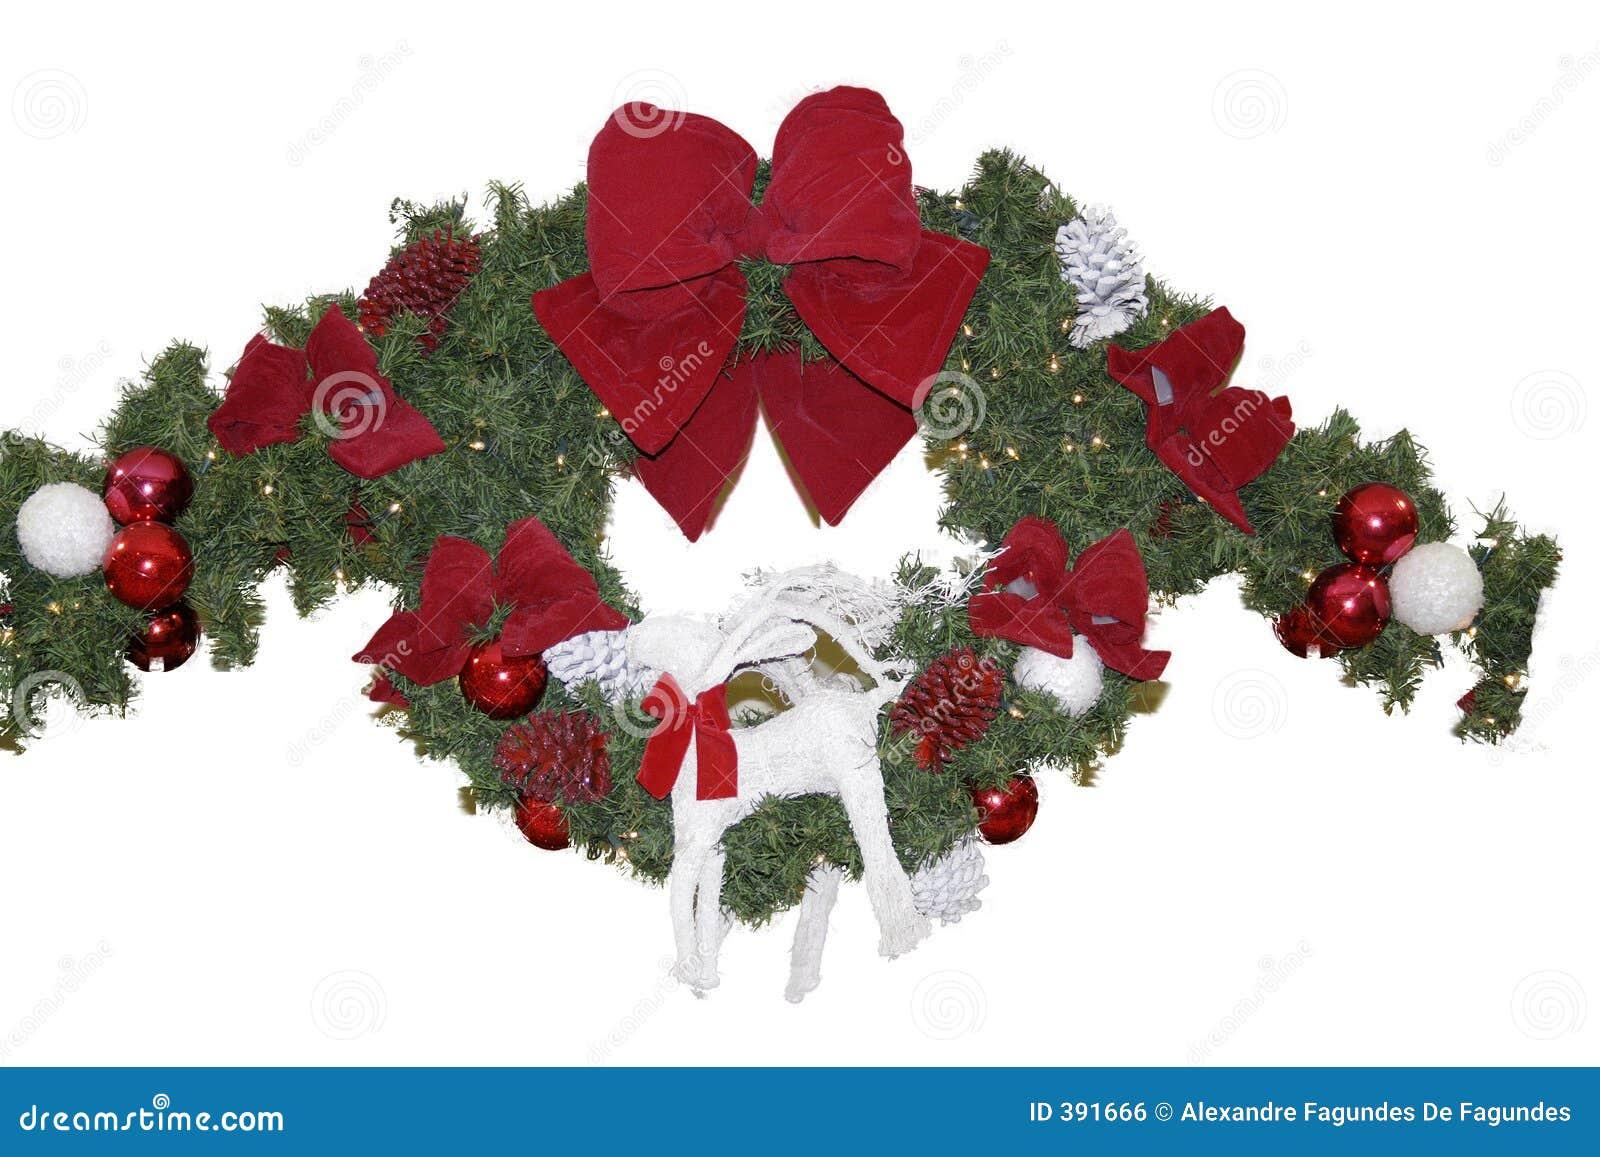 Guirnalda de la navidad imagen de archivo libre de - Guirnalda de navidad ...